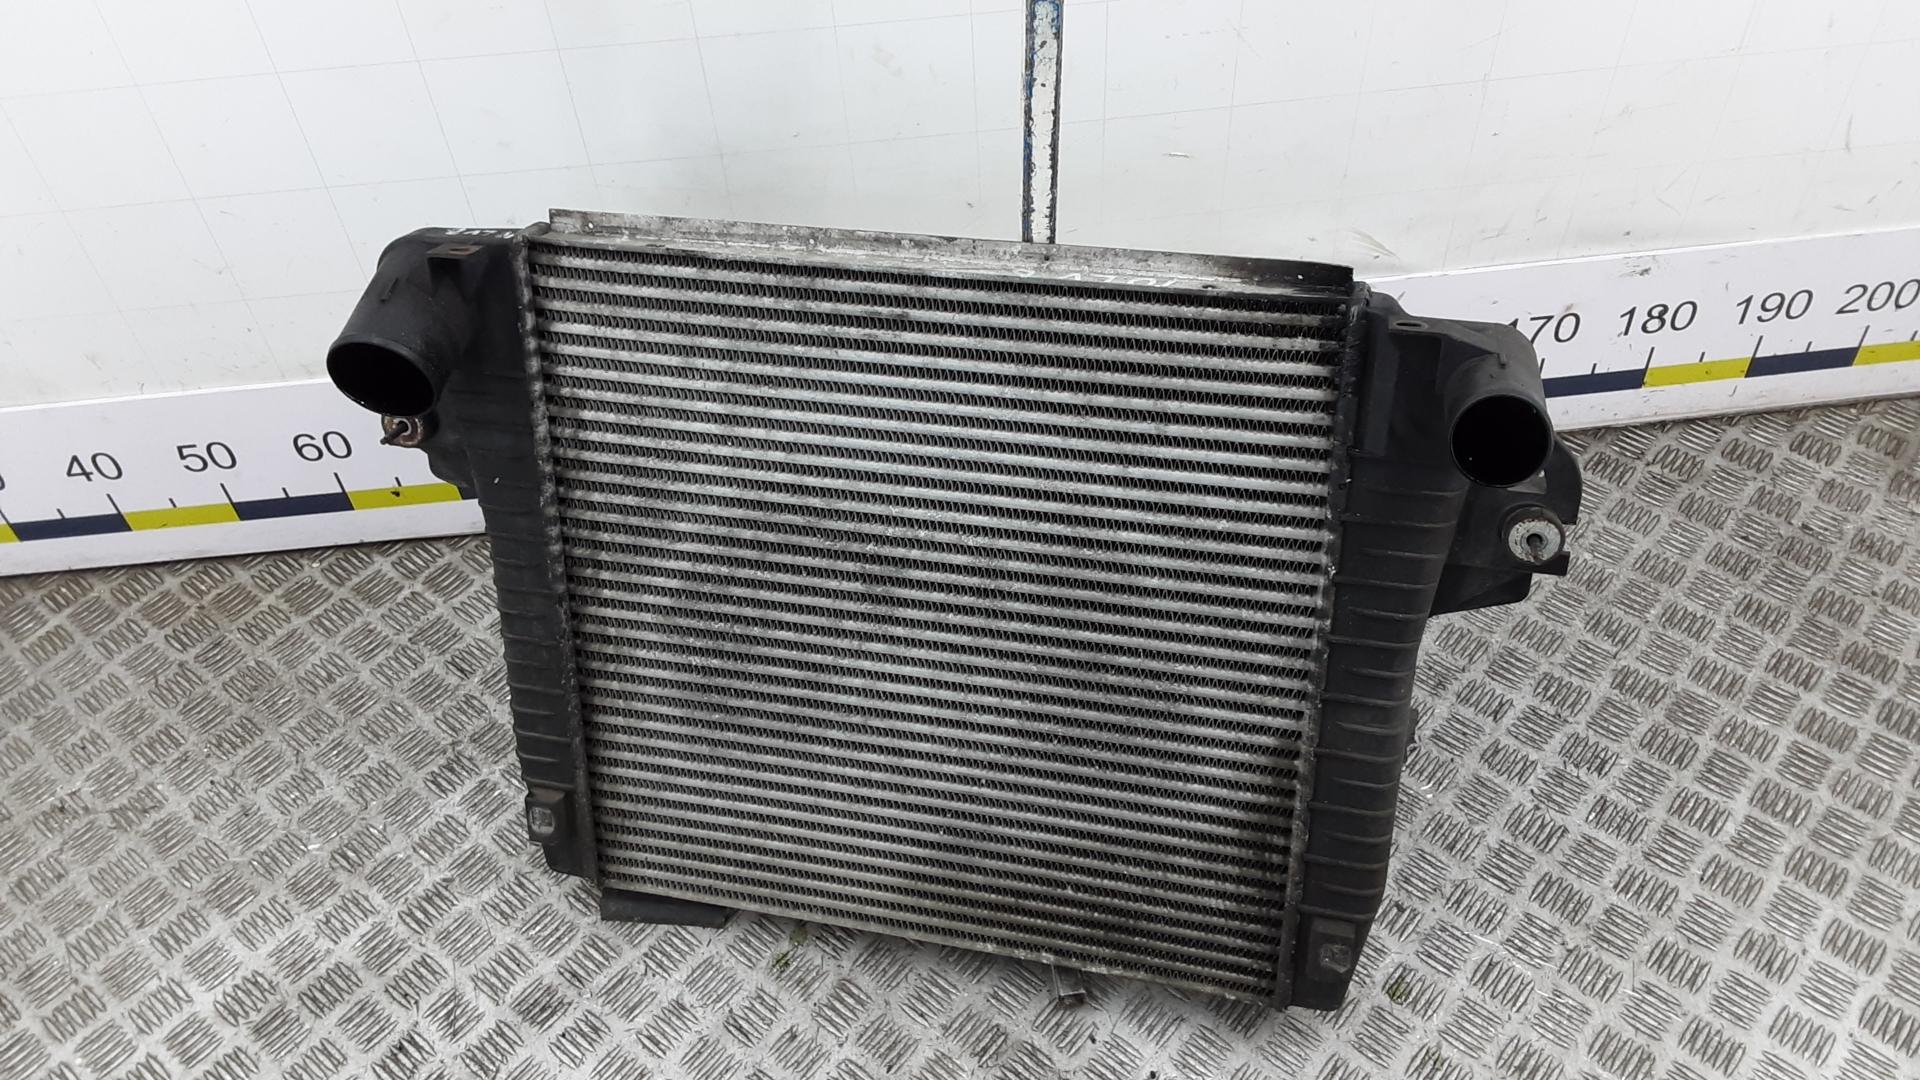 Радиатор интеркуллера, JEEP, LIBERTY KJ, 2005